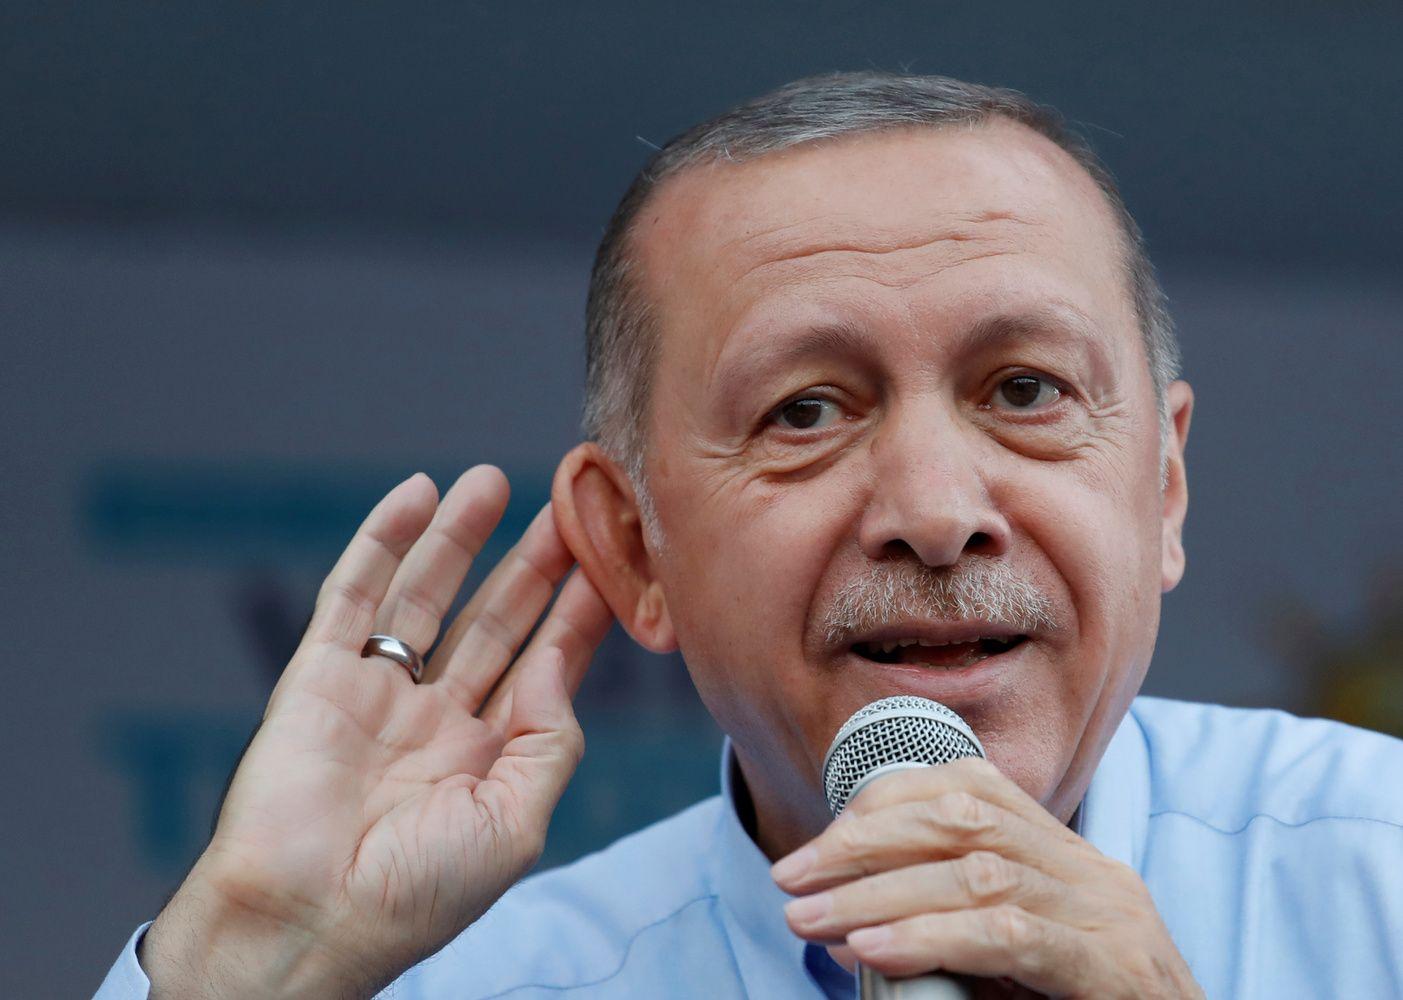 Turkija balansuoja ties pavojinga riba, laukia lemtingi sprendimai